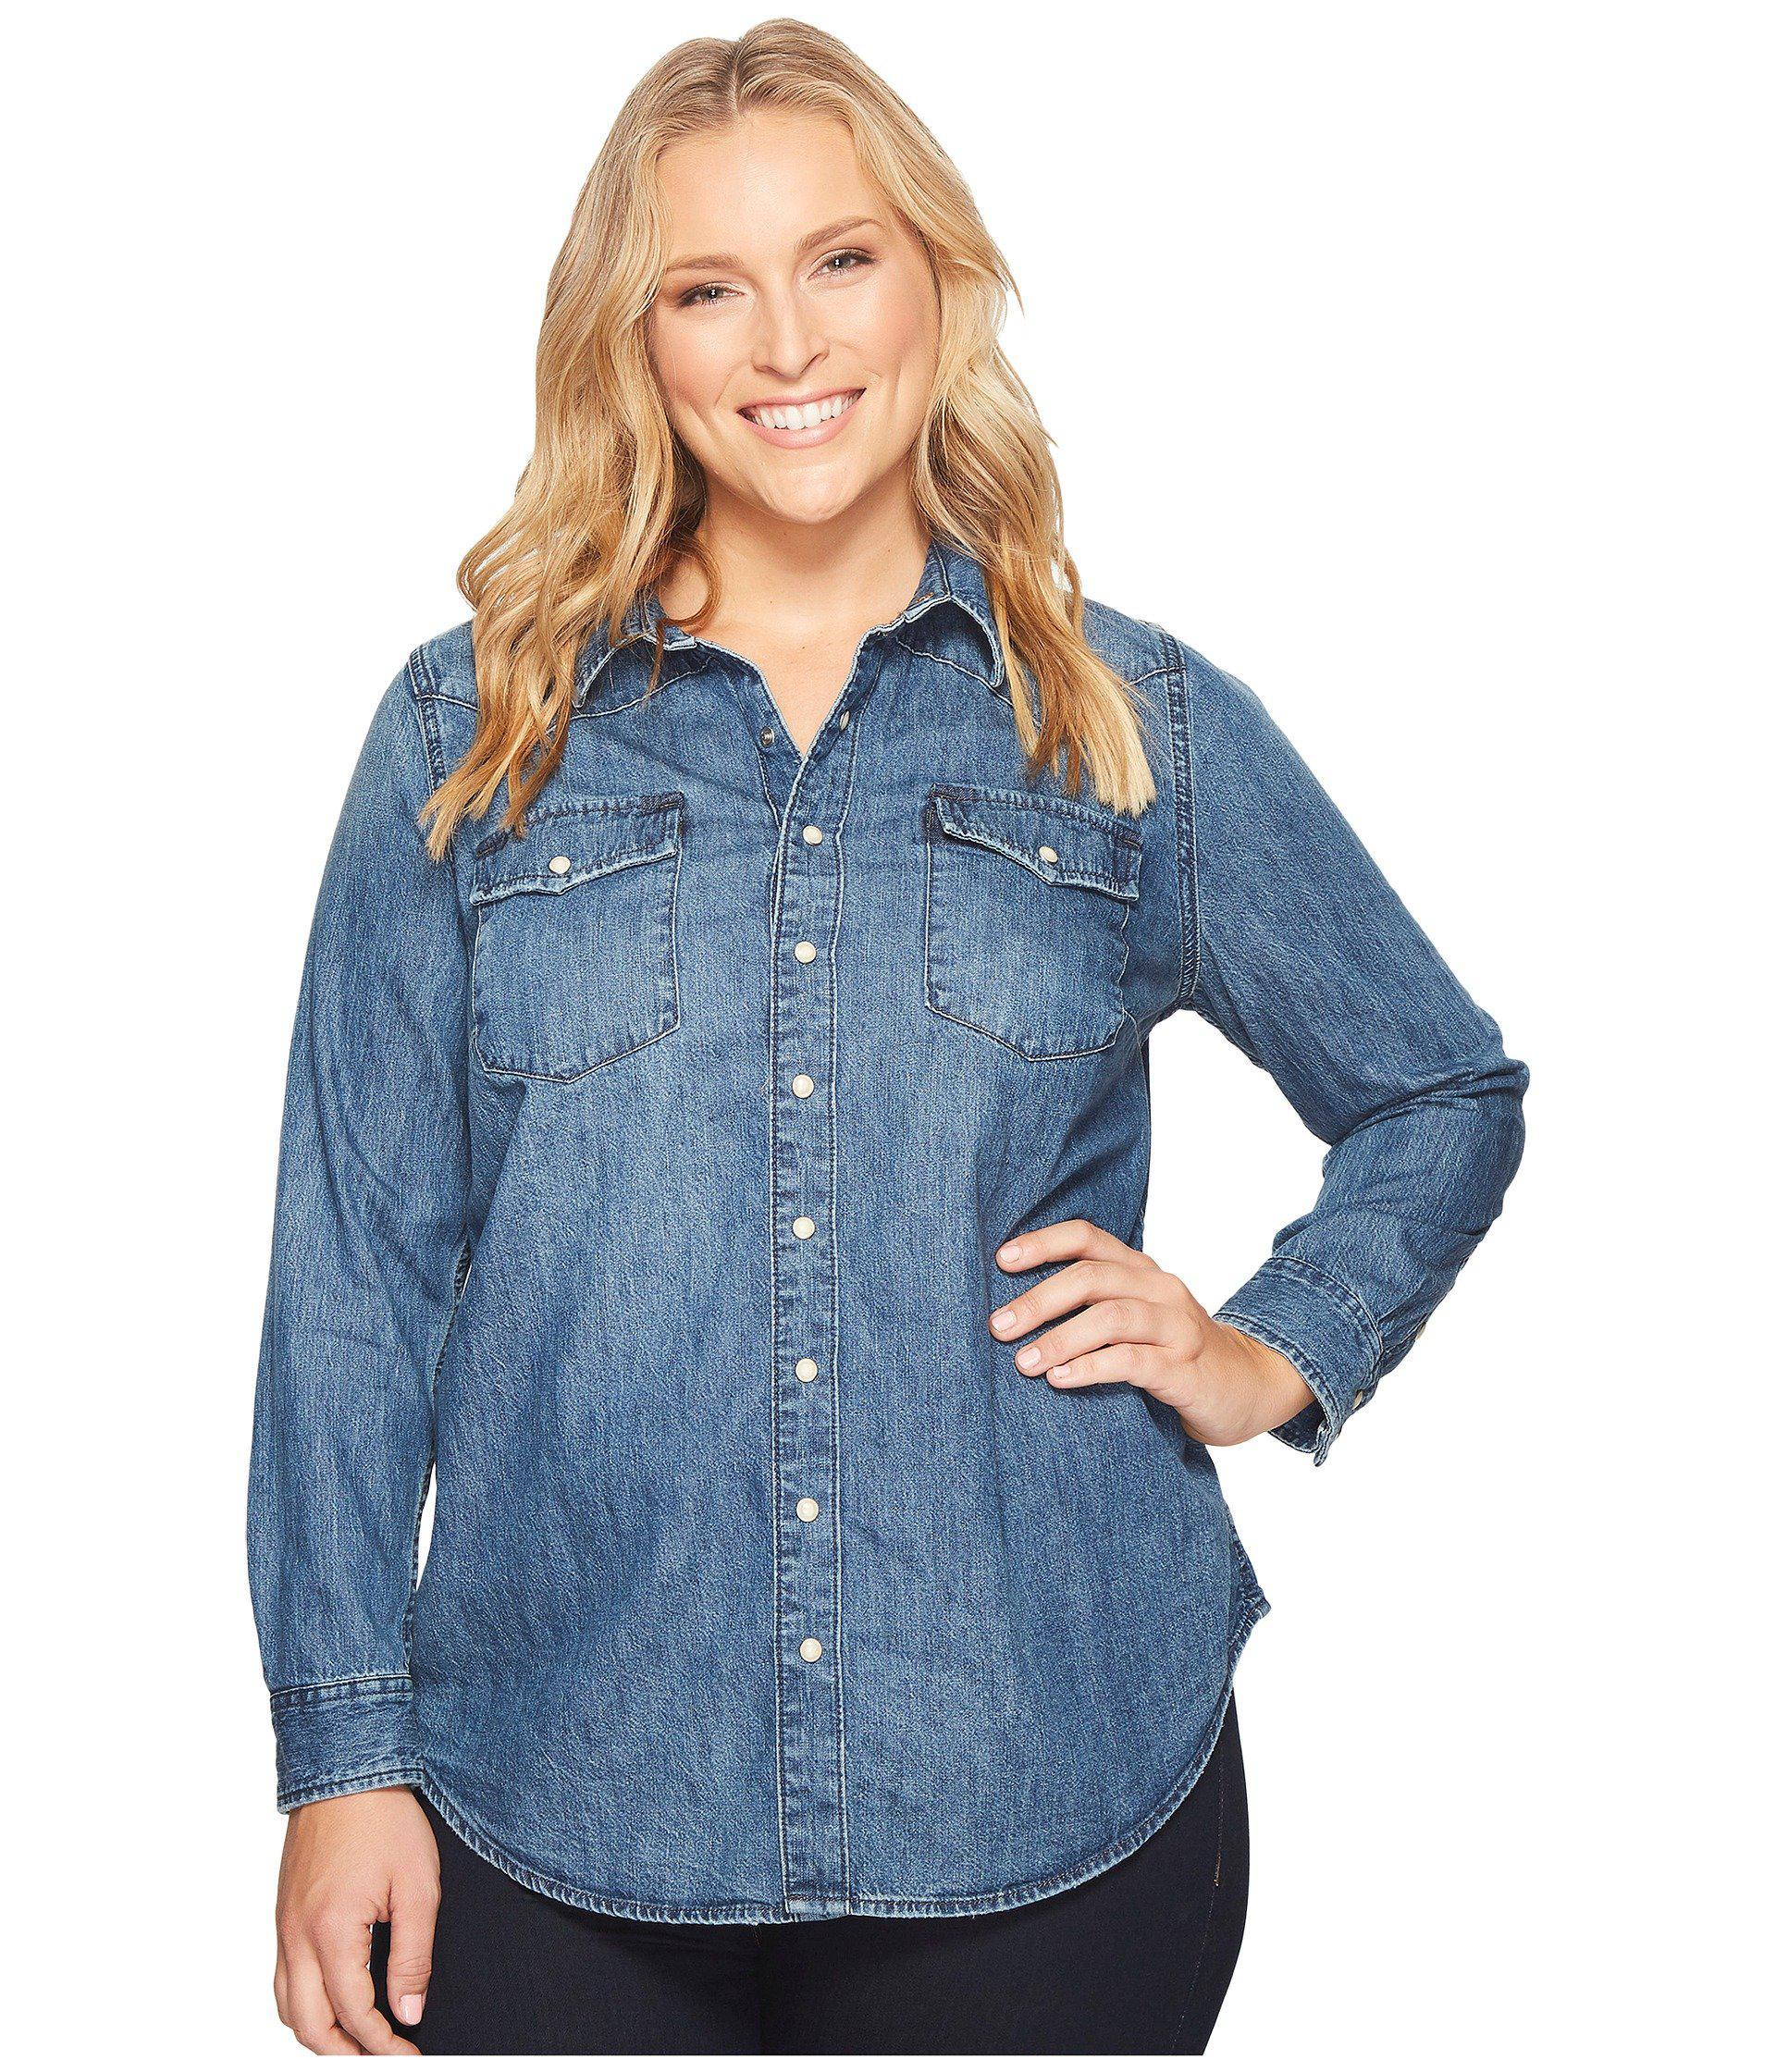 db90970ec9 Western Shirts Plus Size